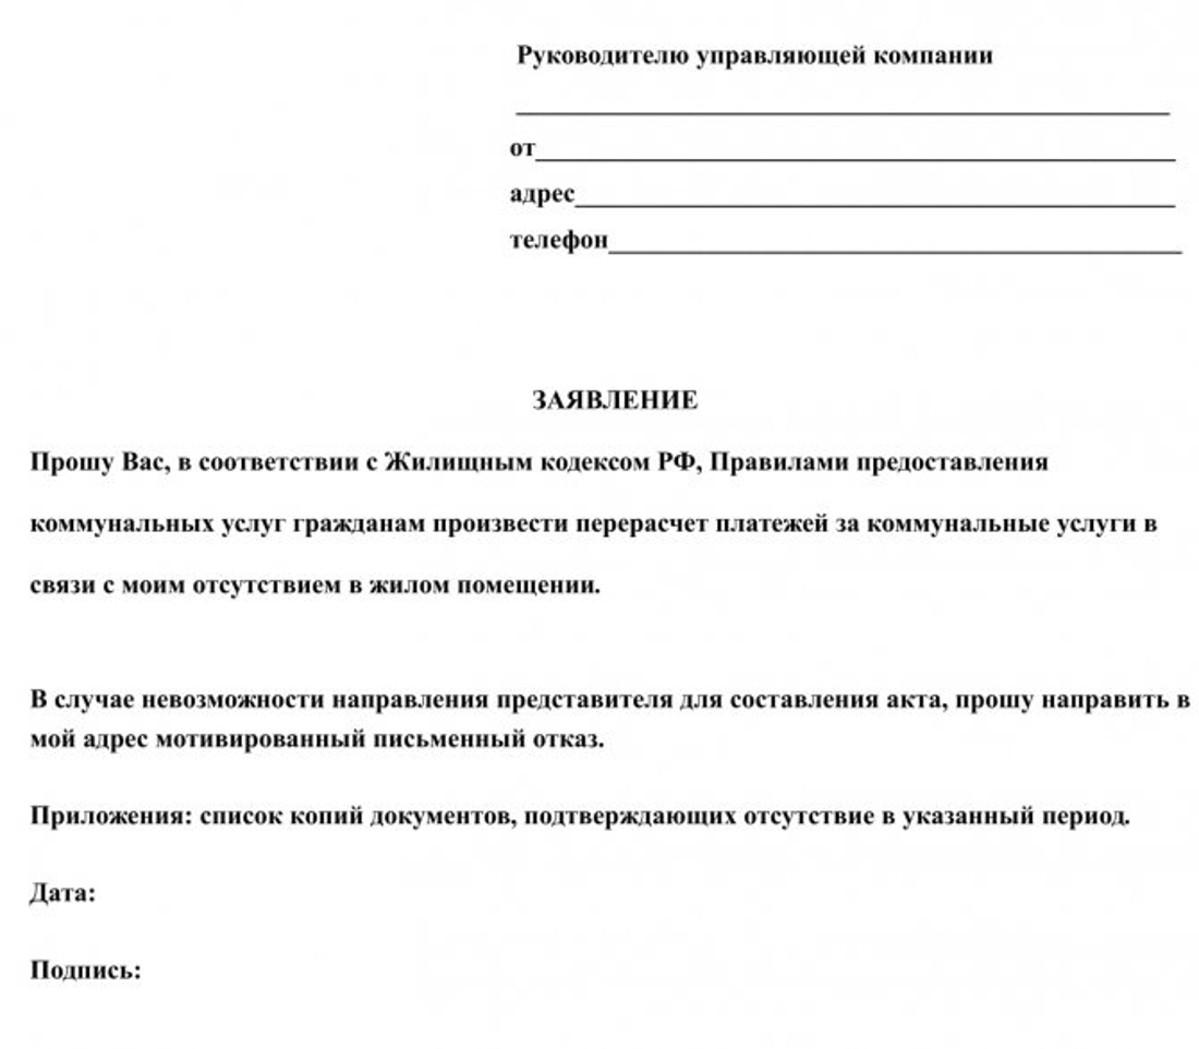 Заявление на перерасчет ТКО